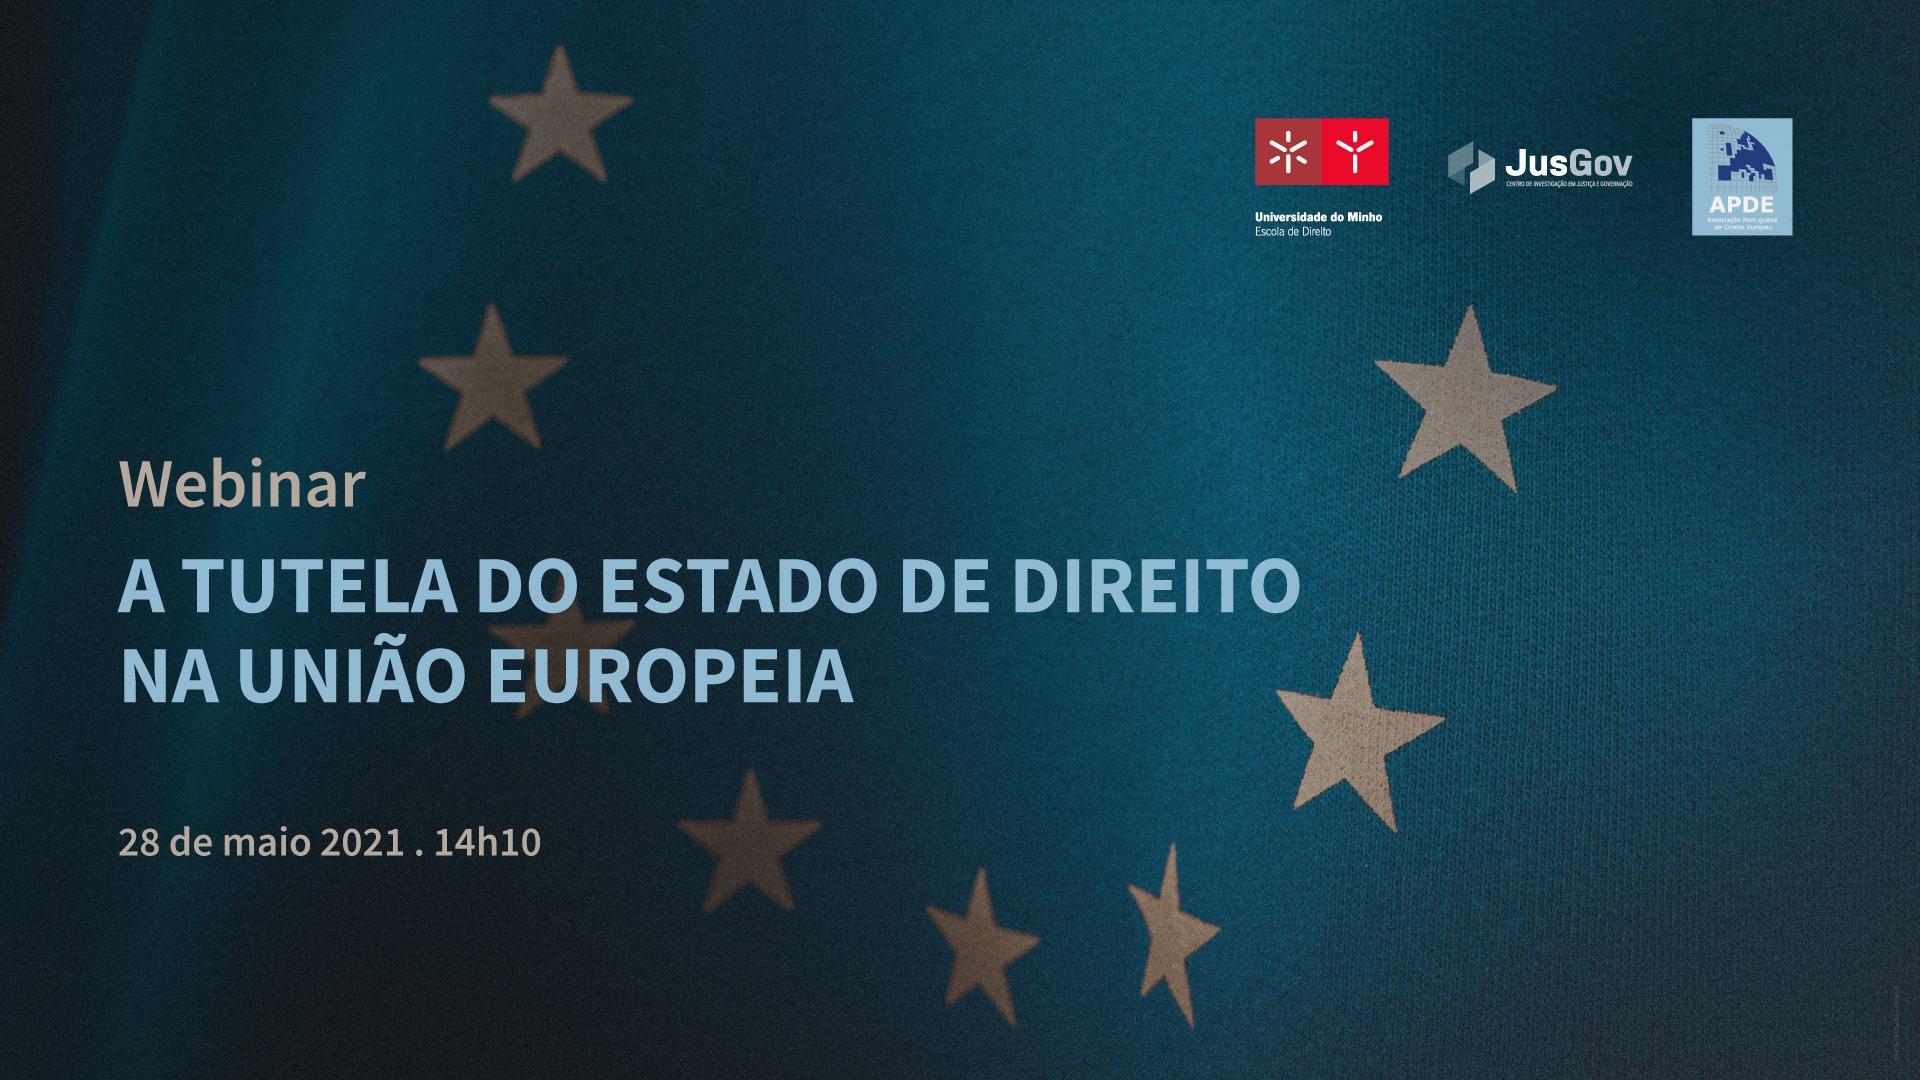 Webinar - A tutela do estado de direito na União Europeia